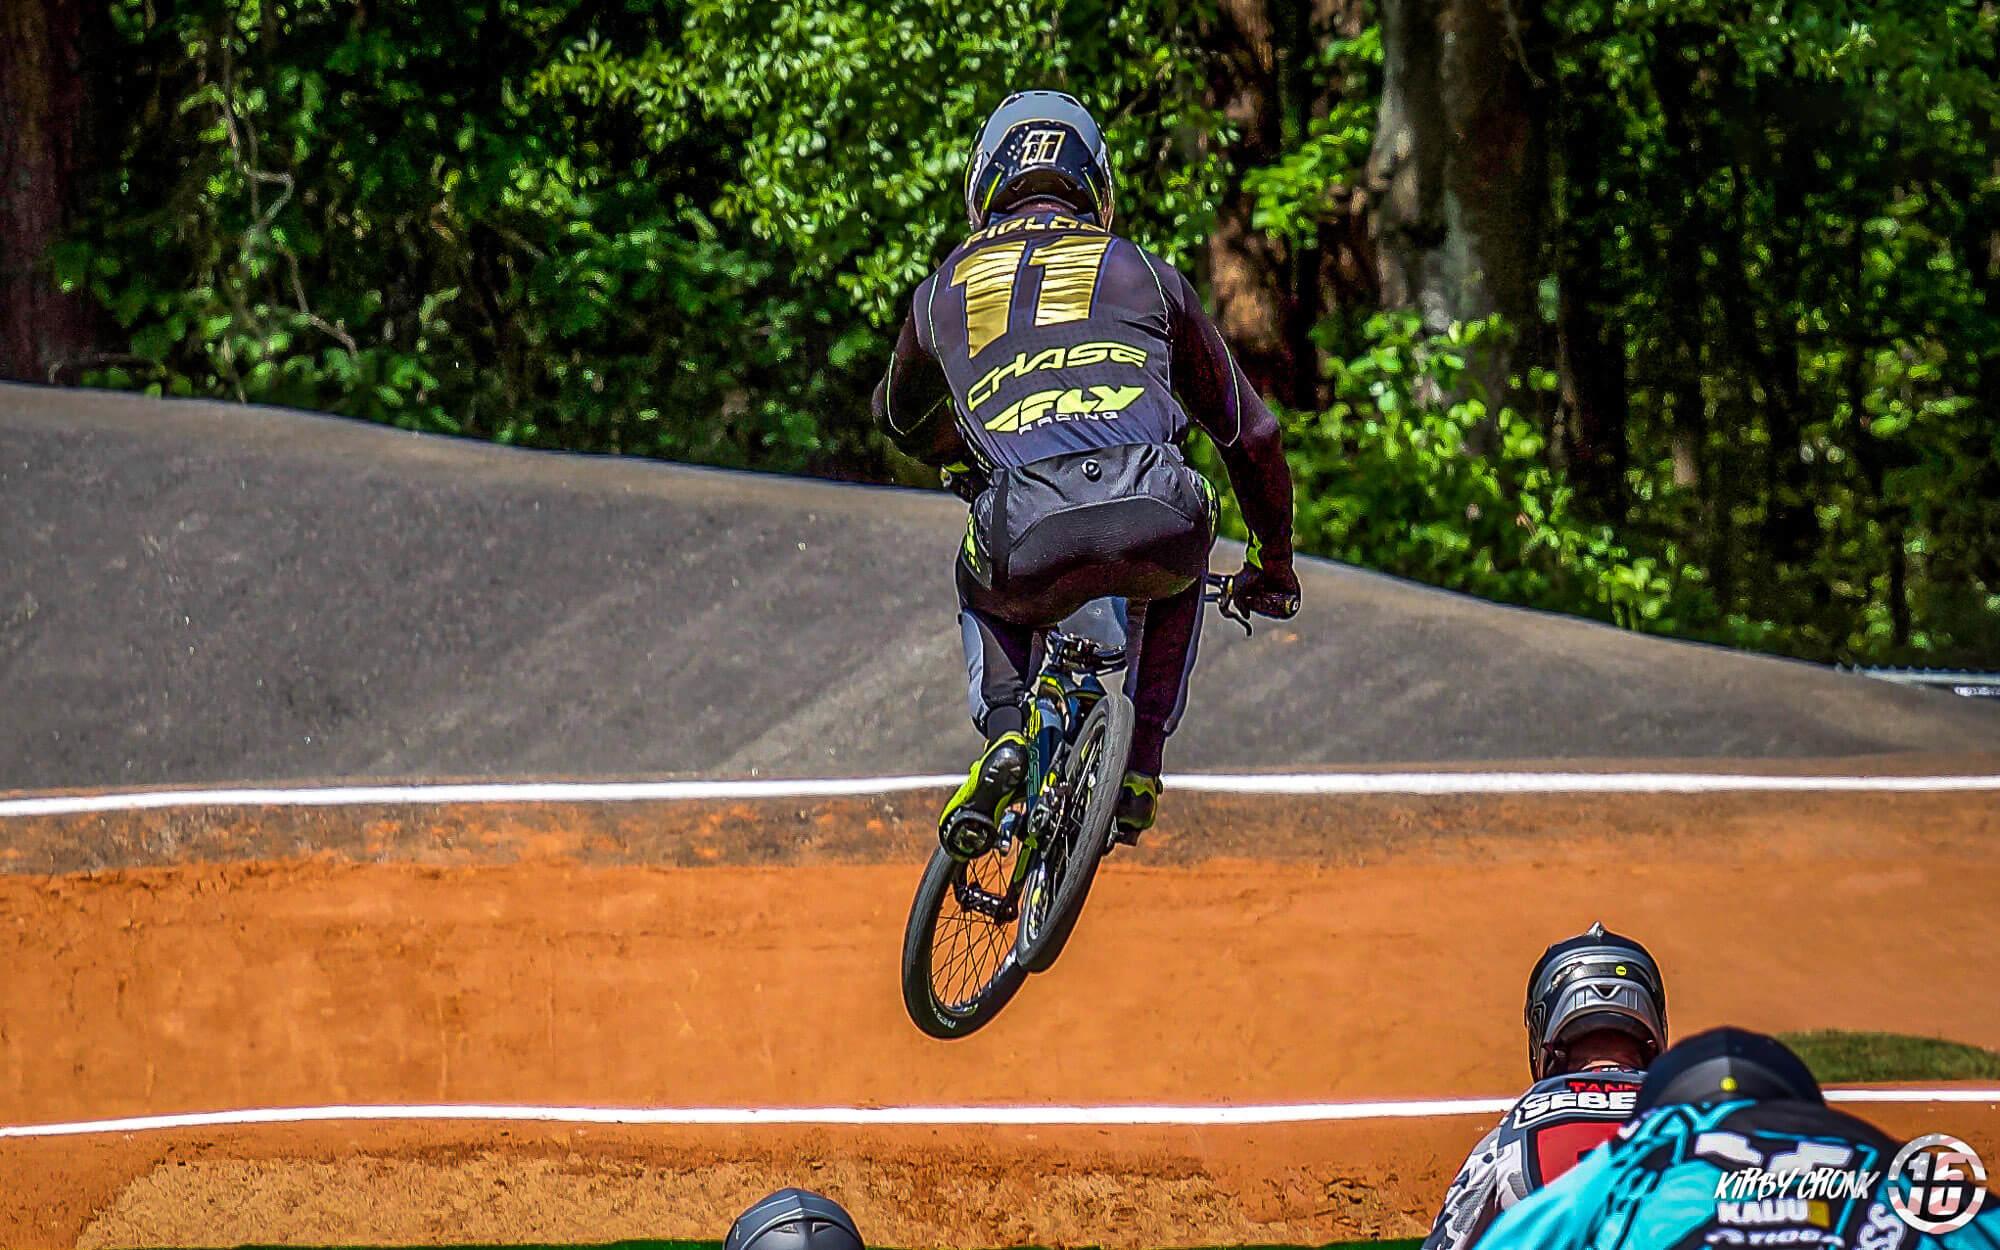 Connor Fields Fifteen BMX - Kirby Cronk